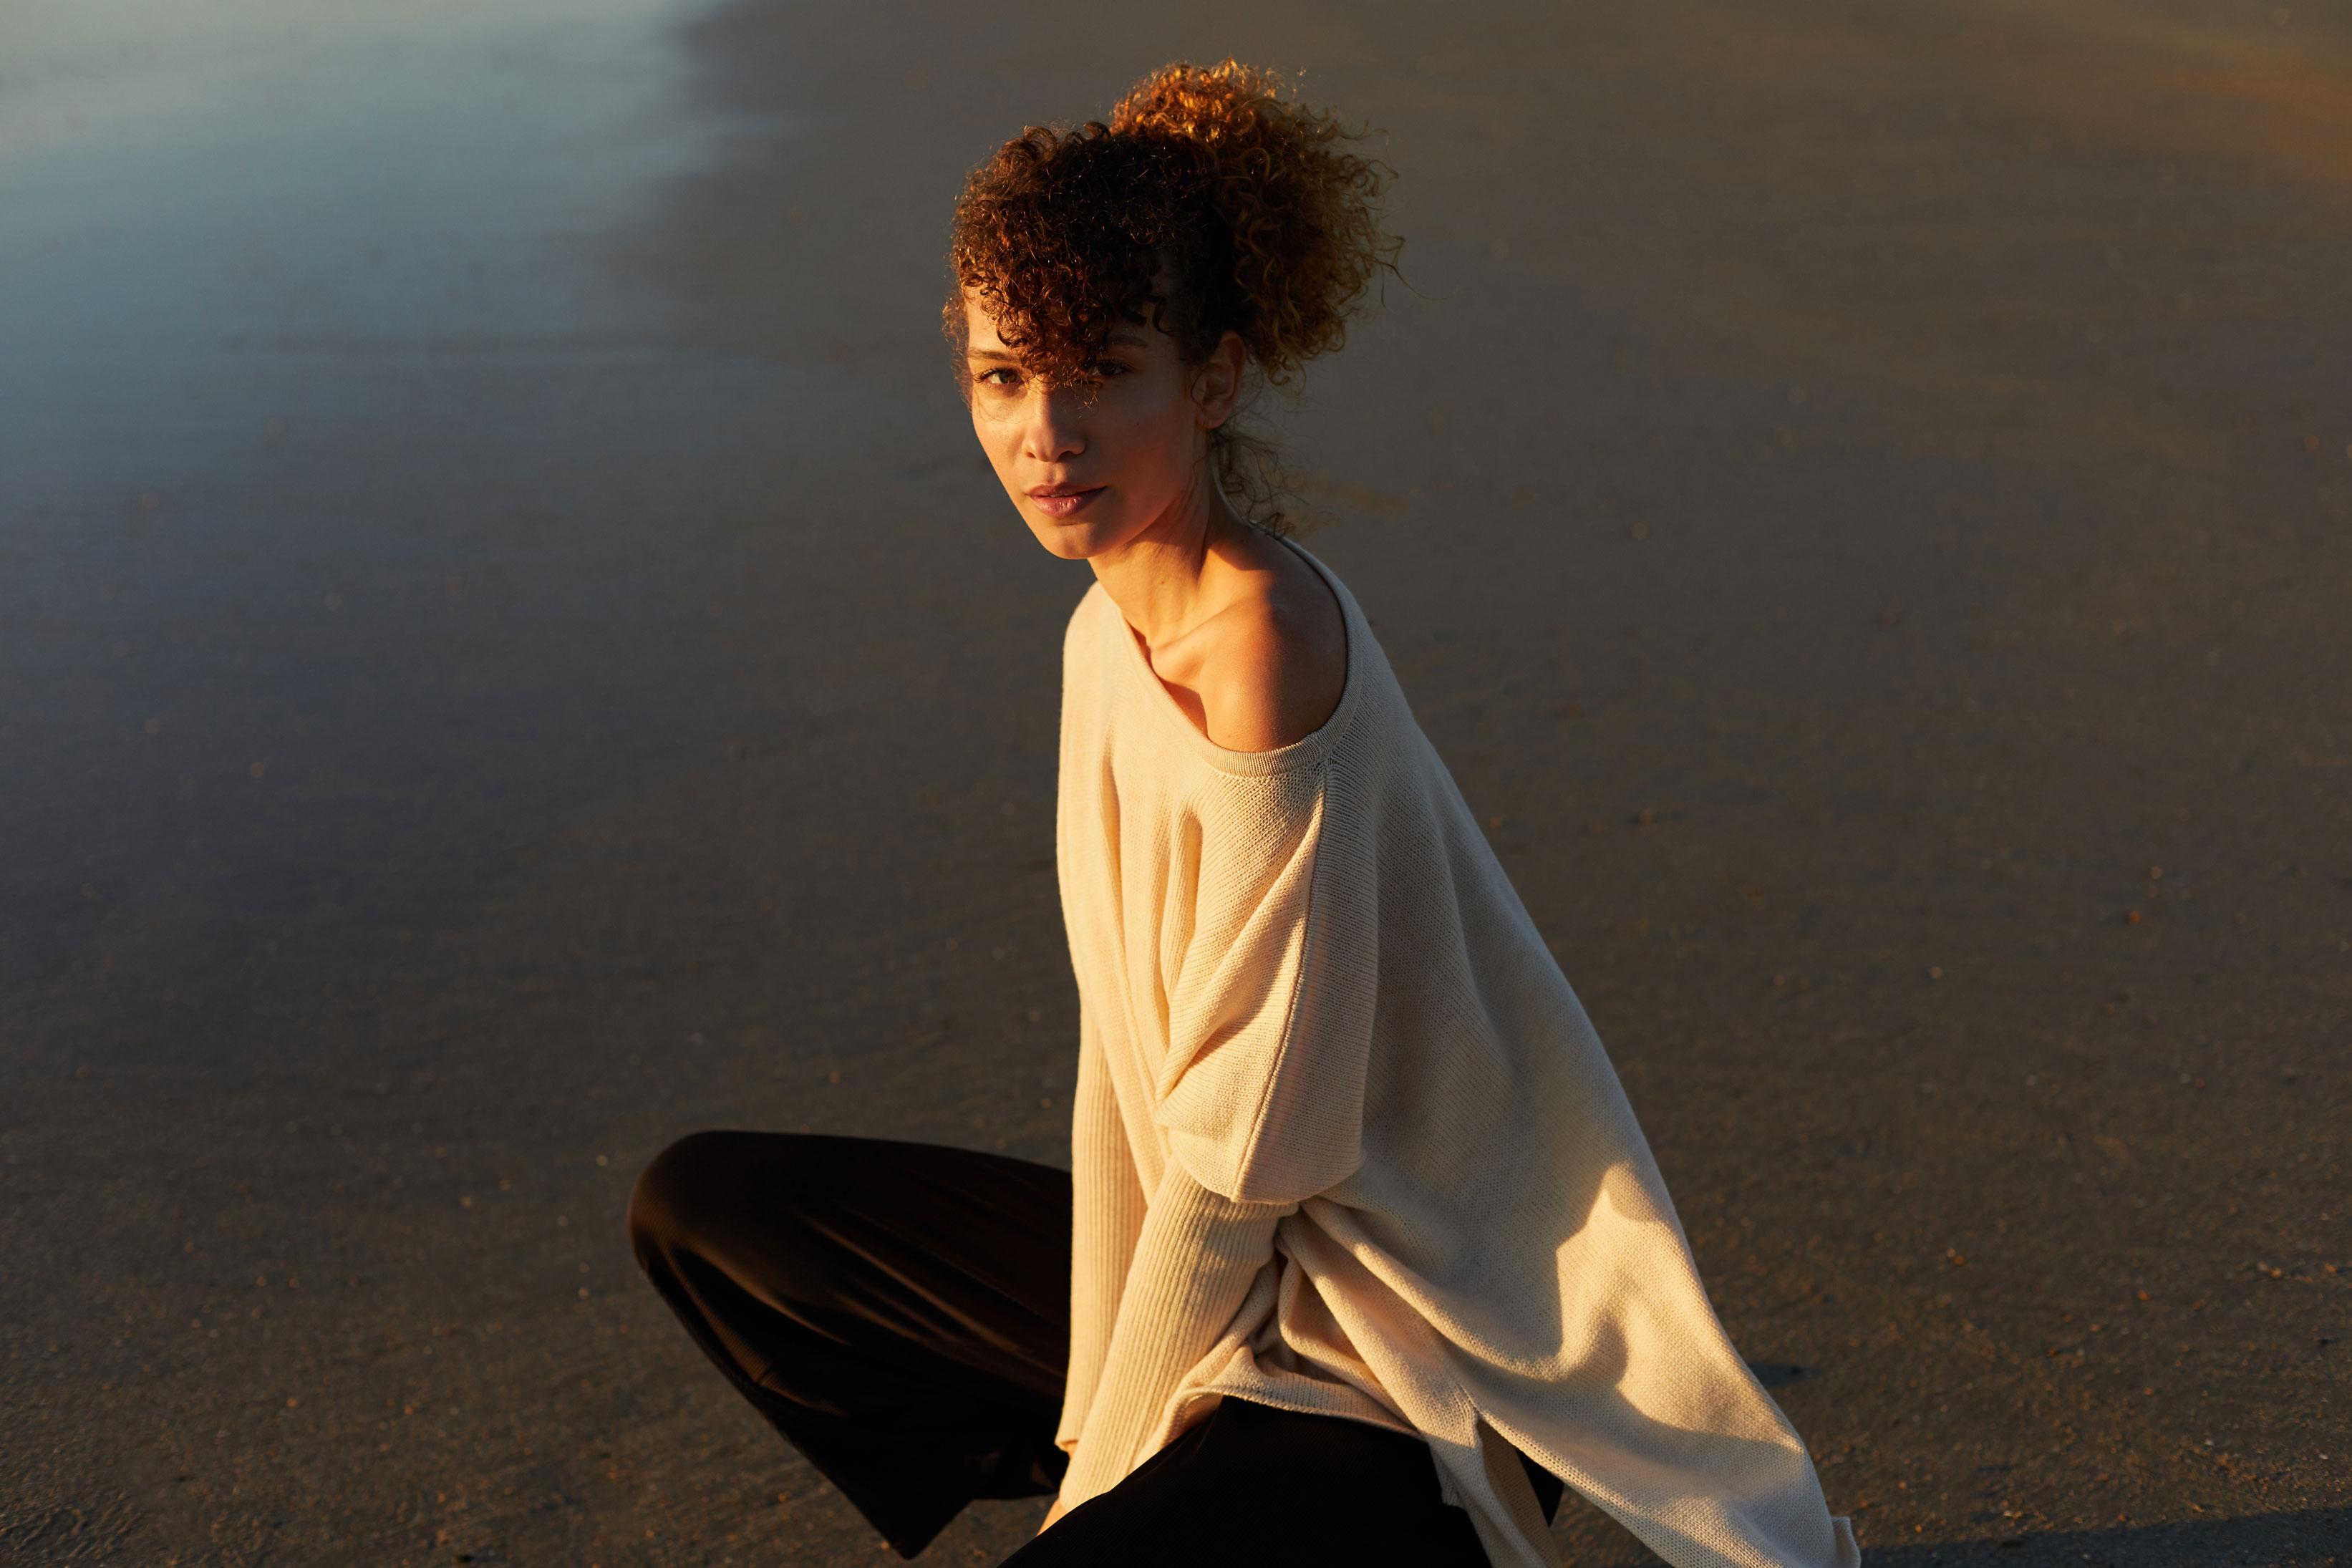 photographe de mode pour campagne publicitaire avec mannequin